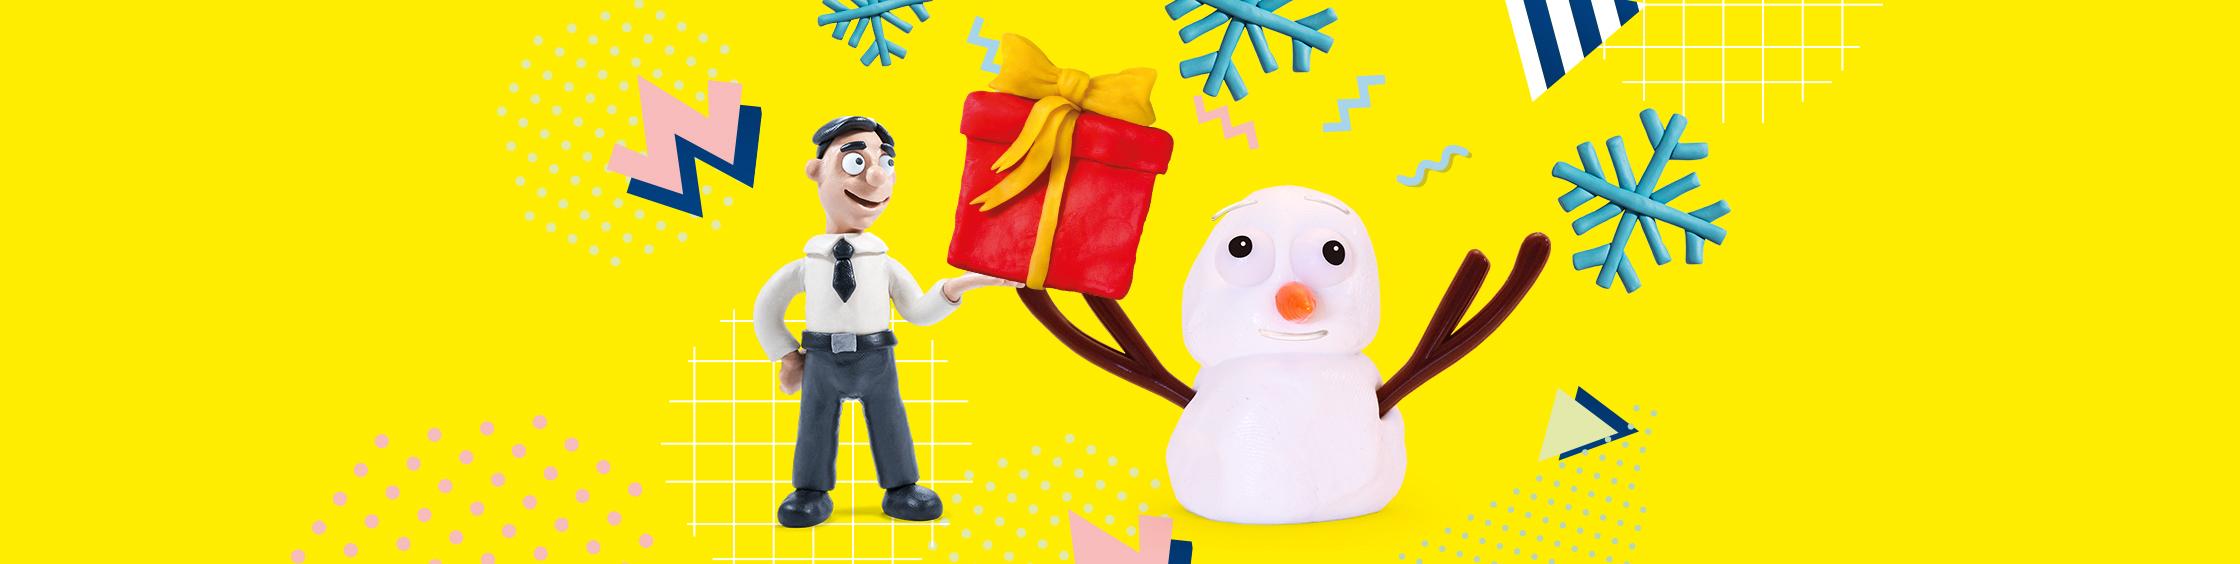 Weihnachts-Aktion von EoA